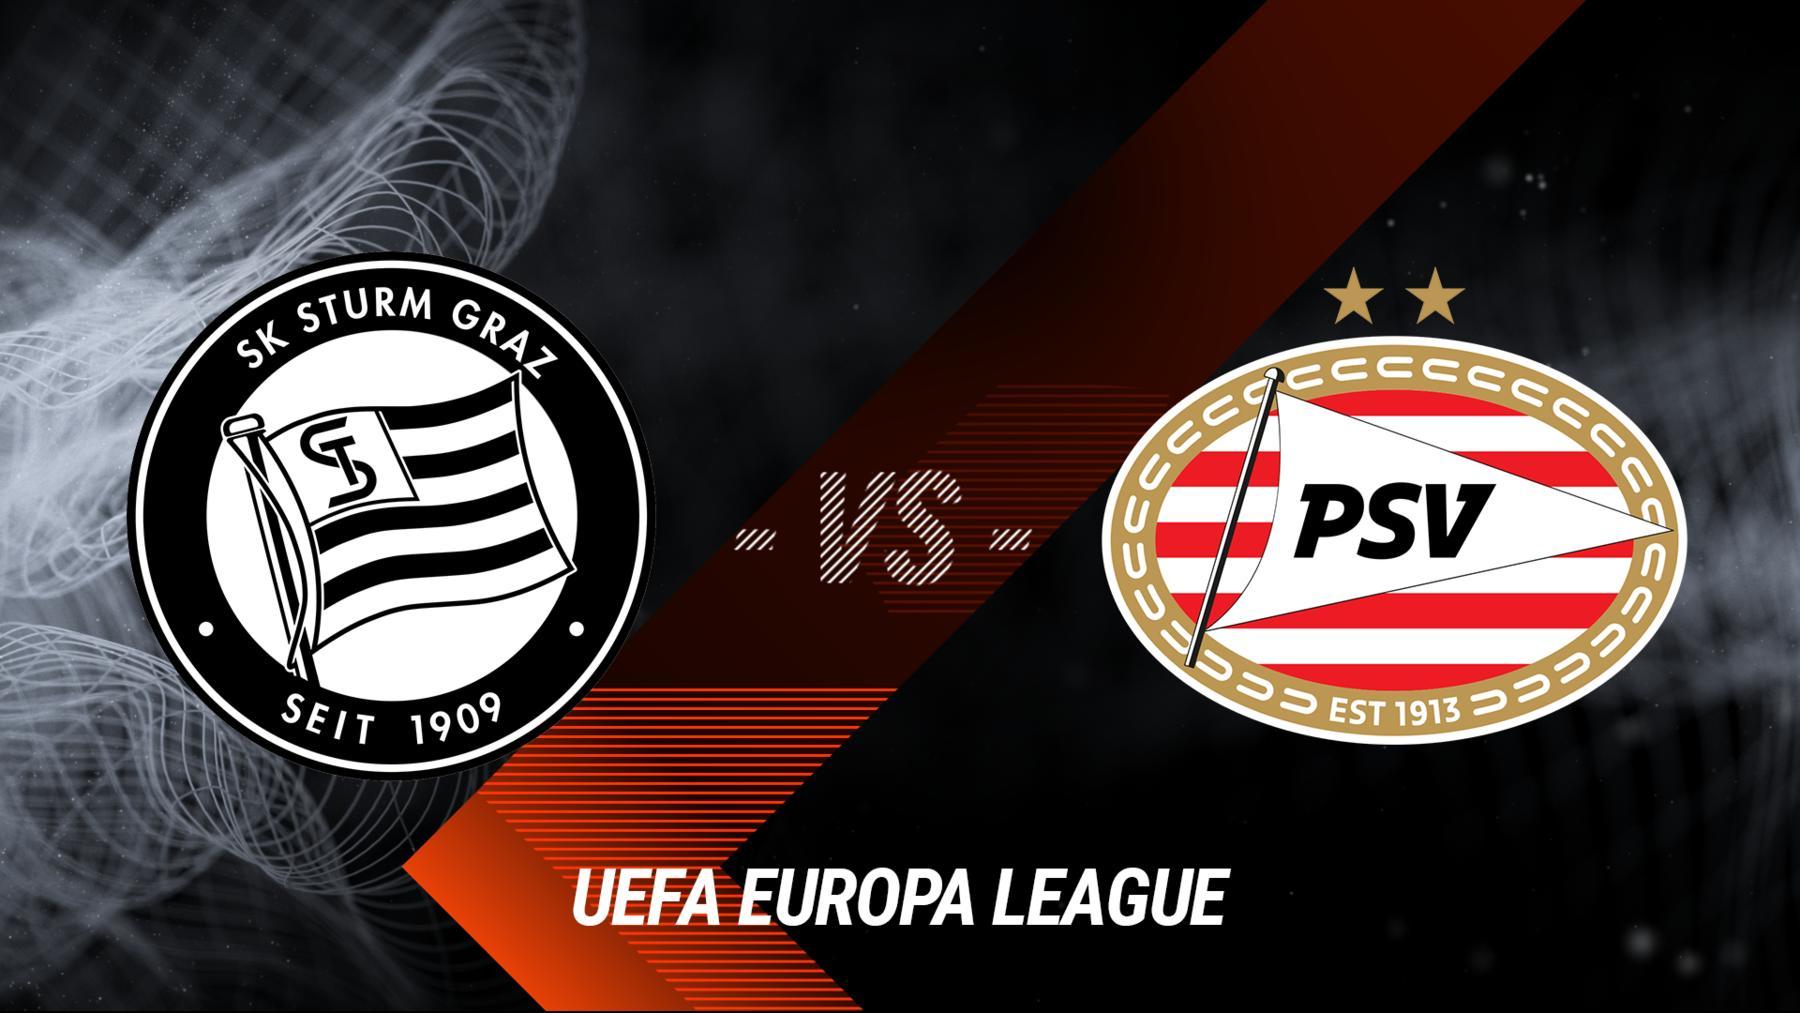 Sturm Graz - PSV Eindhoven